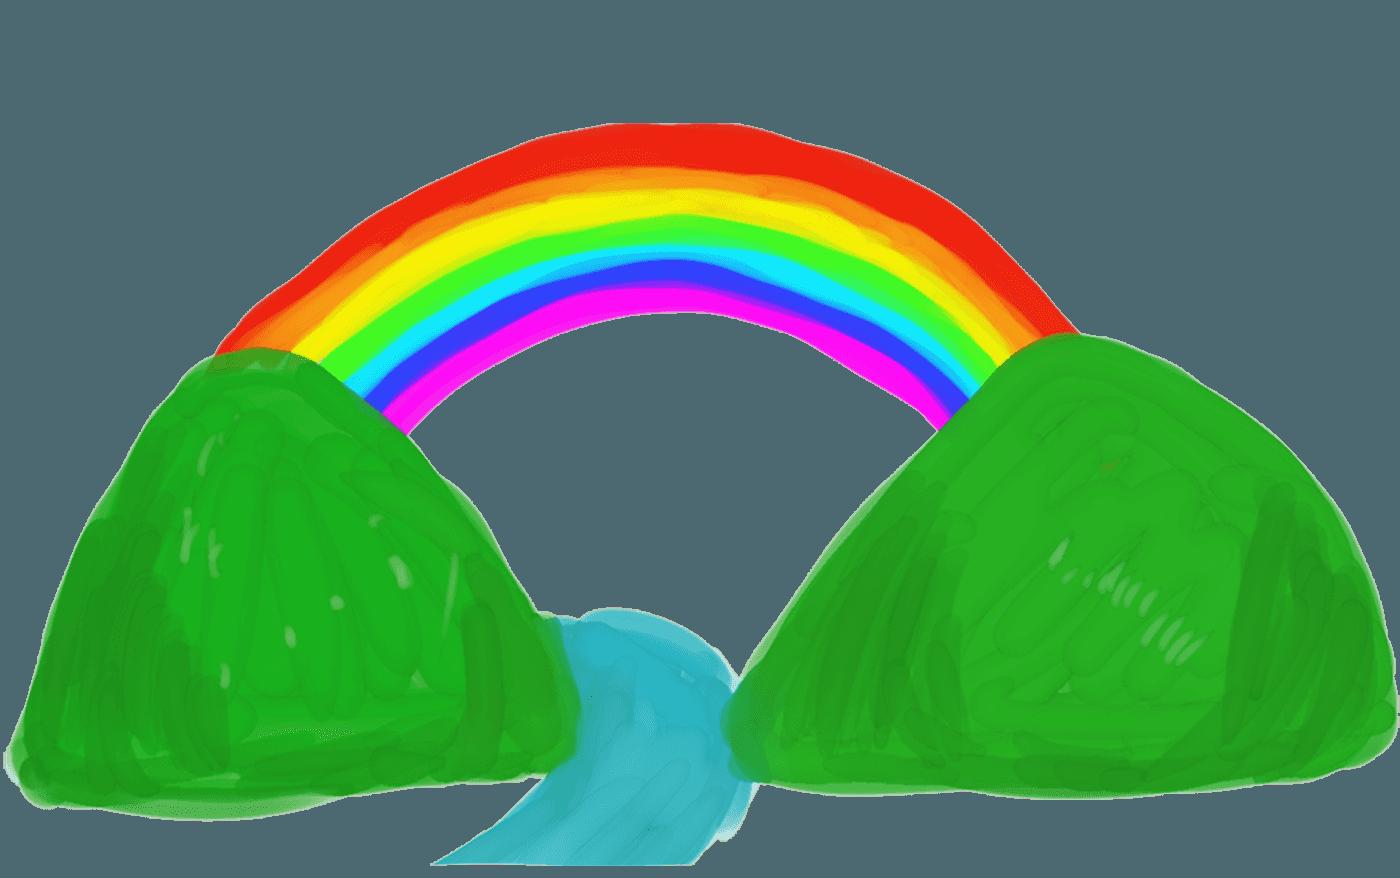 ラフな山と虹のイラスト